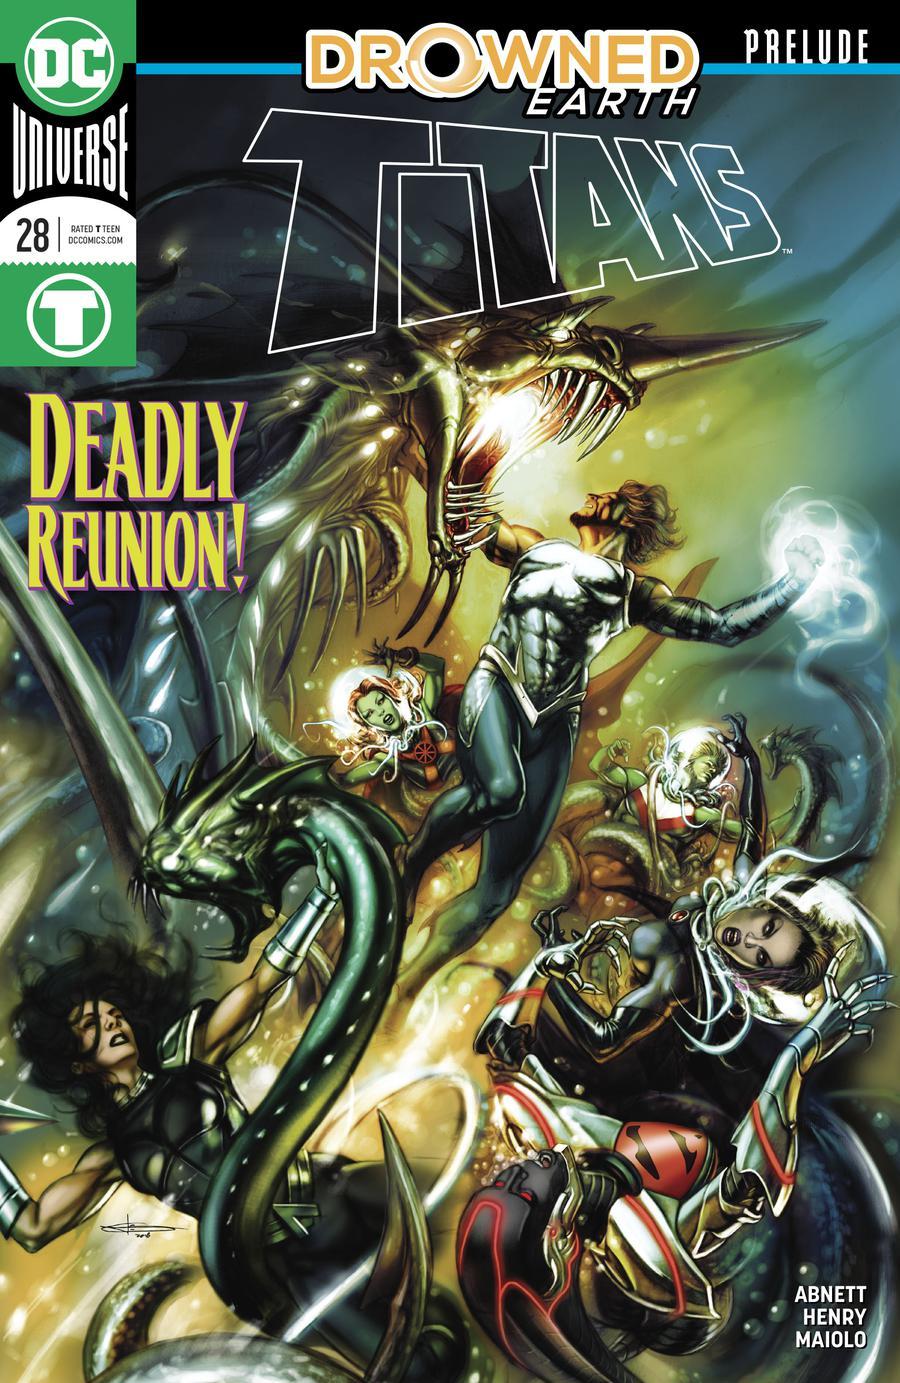 Titans Vol 3 #28 Cover A Regular Leonardo Manco Cover (Drowned Earth Prelude)